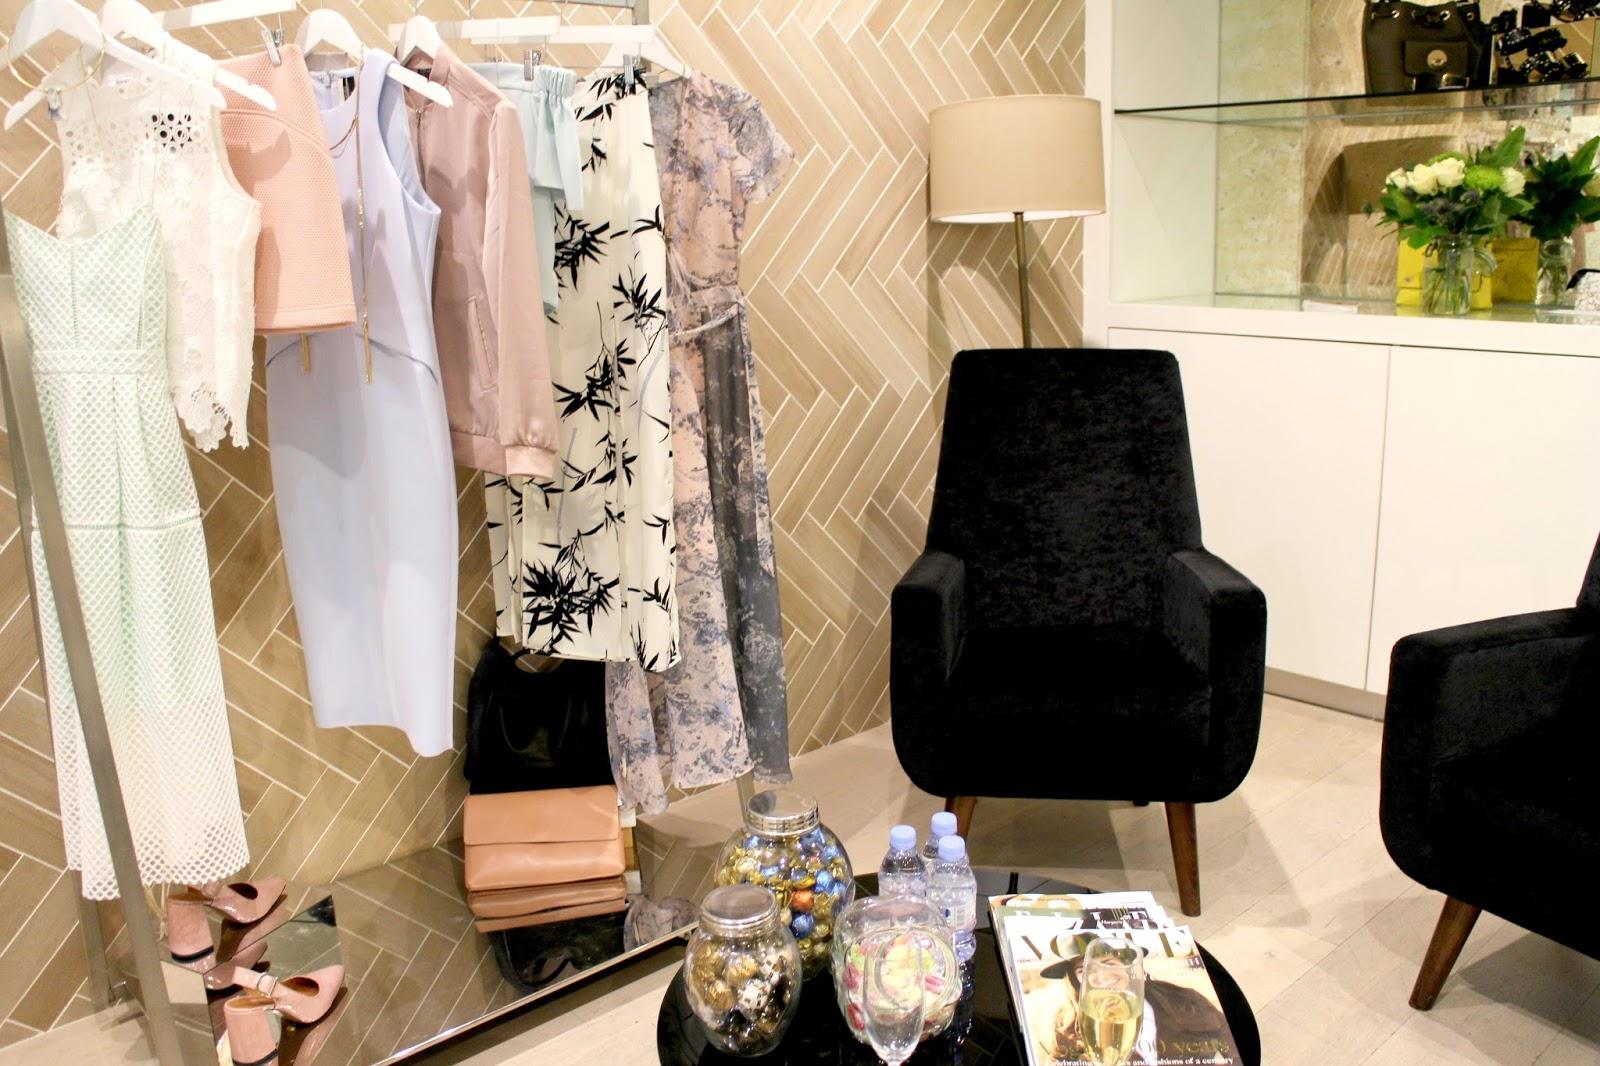 Topshop Personal Shopping Glasgow Argyle Street